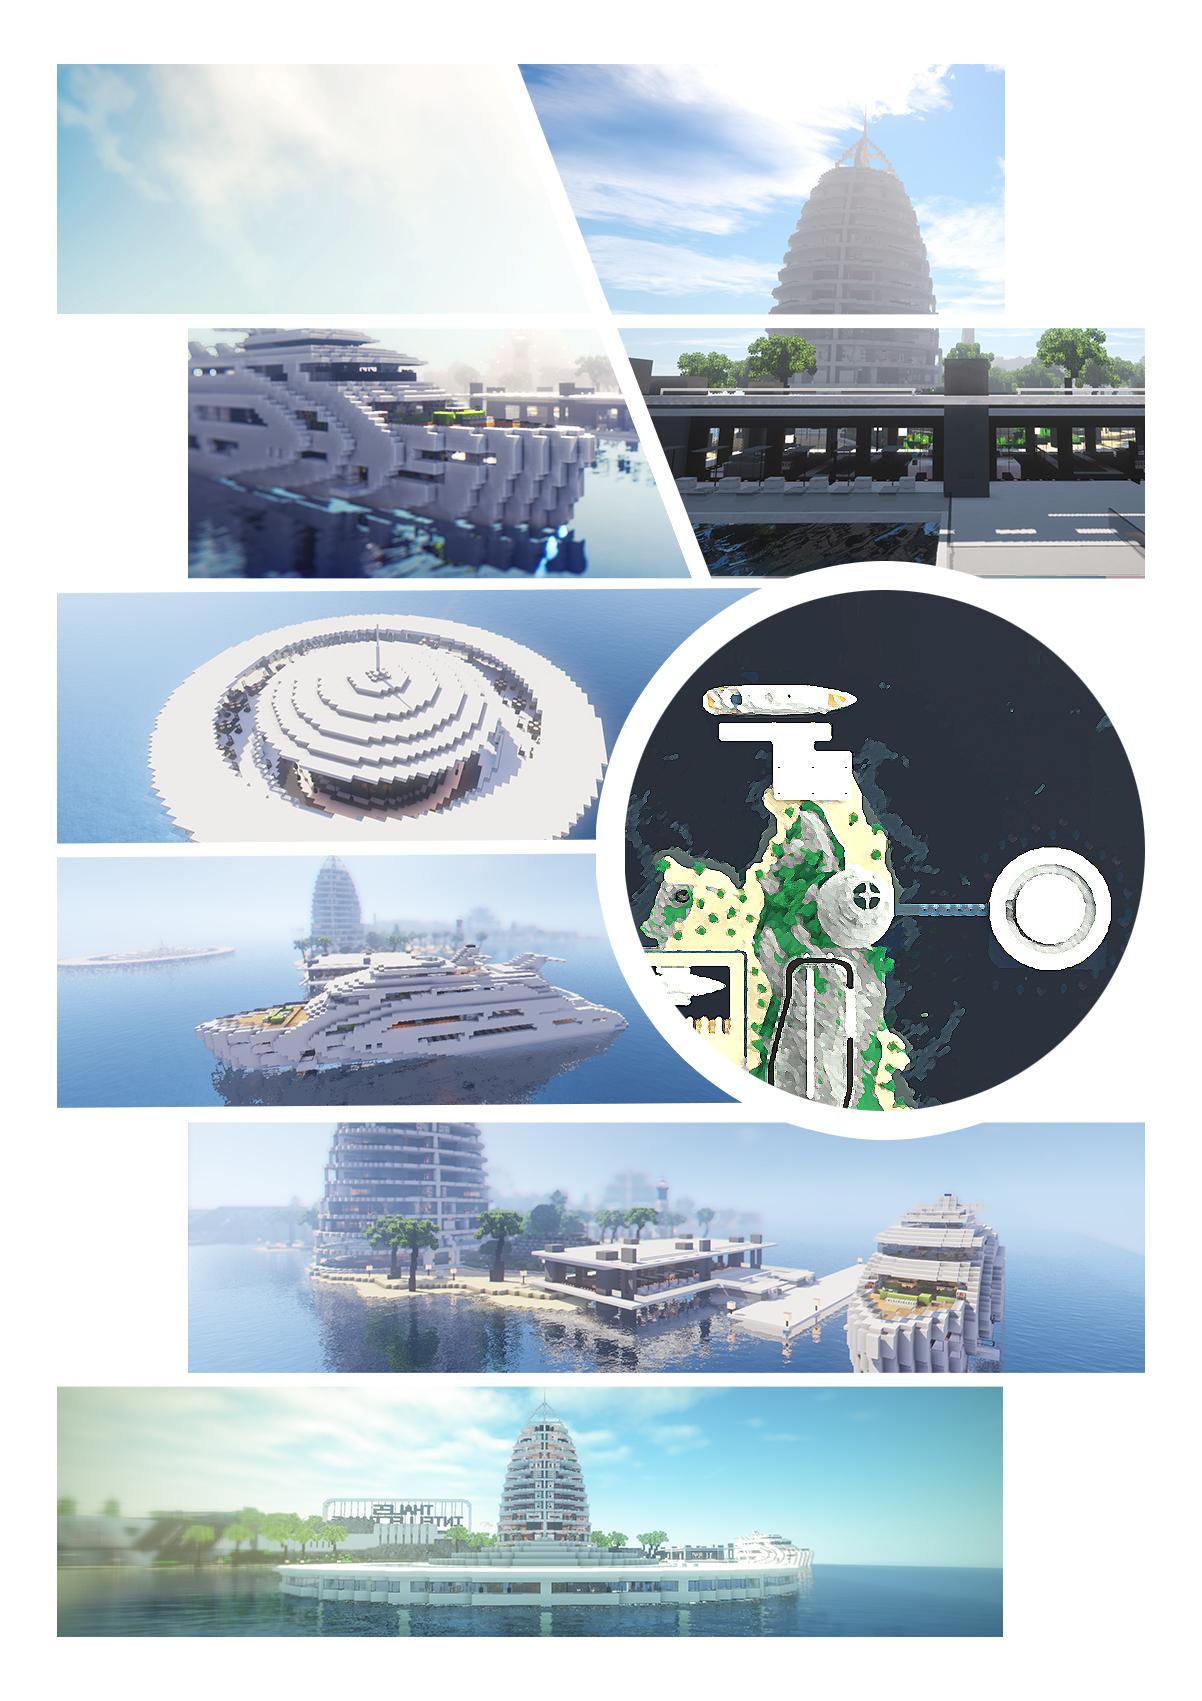 【我的别墅现代建筑群】海岛v别墅别墅--源梦岛自世界的建图片